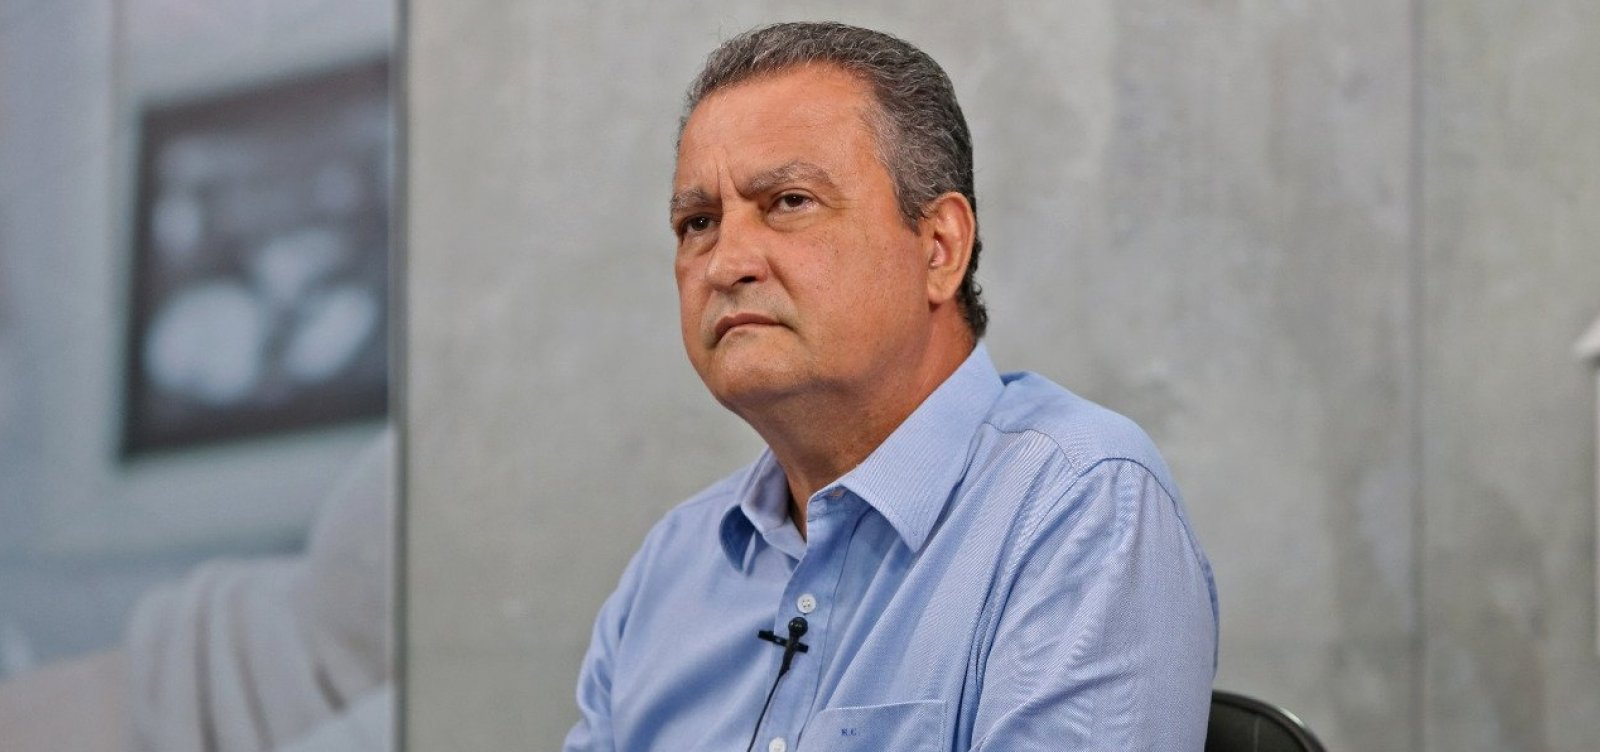 [Rui critica falta de convocação de médicos cubanos: 'Cabeça de quem governa no Brasil é de preconceito']